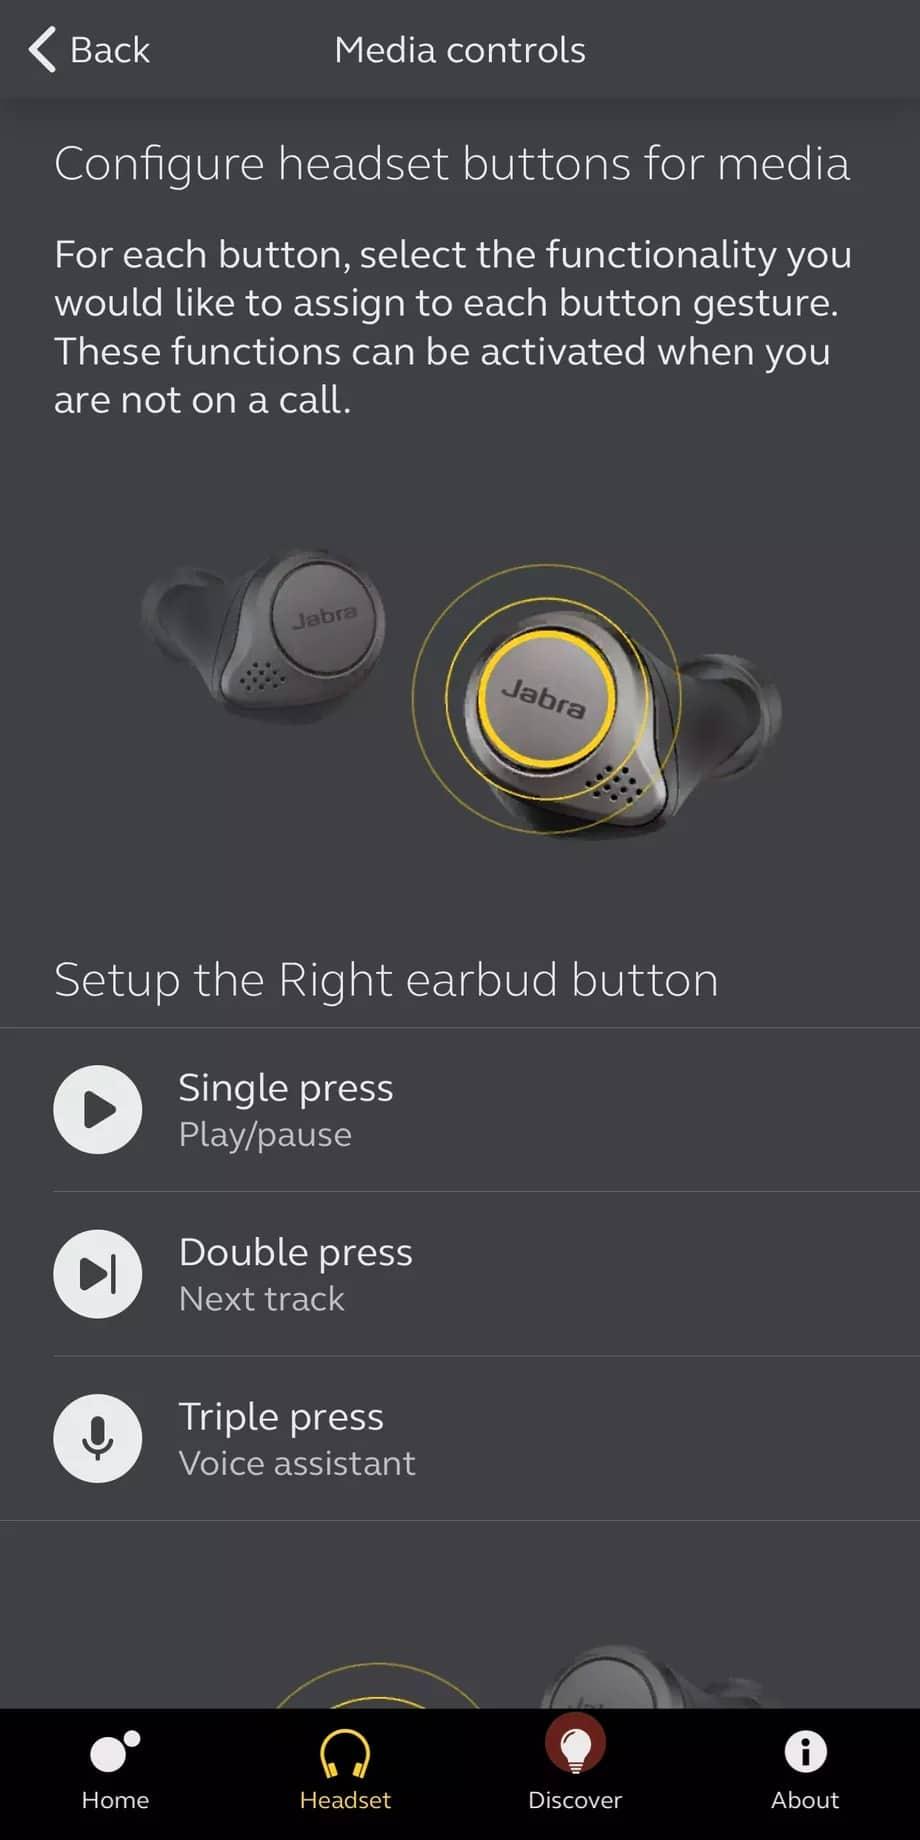 Jabra Elite 75t kablosuz kulaklık için yeni özellikler